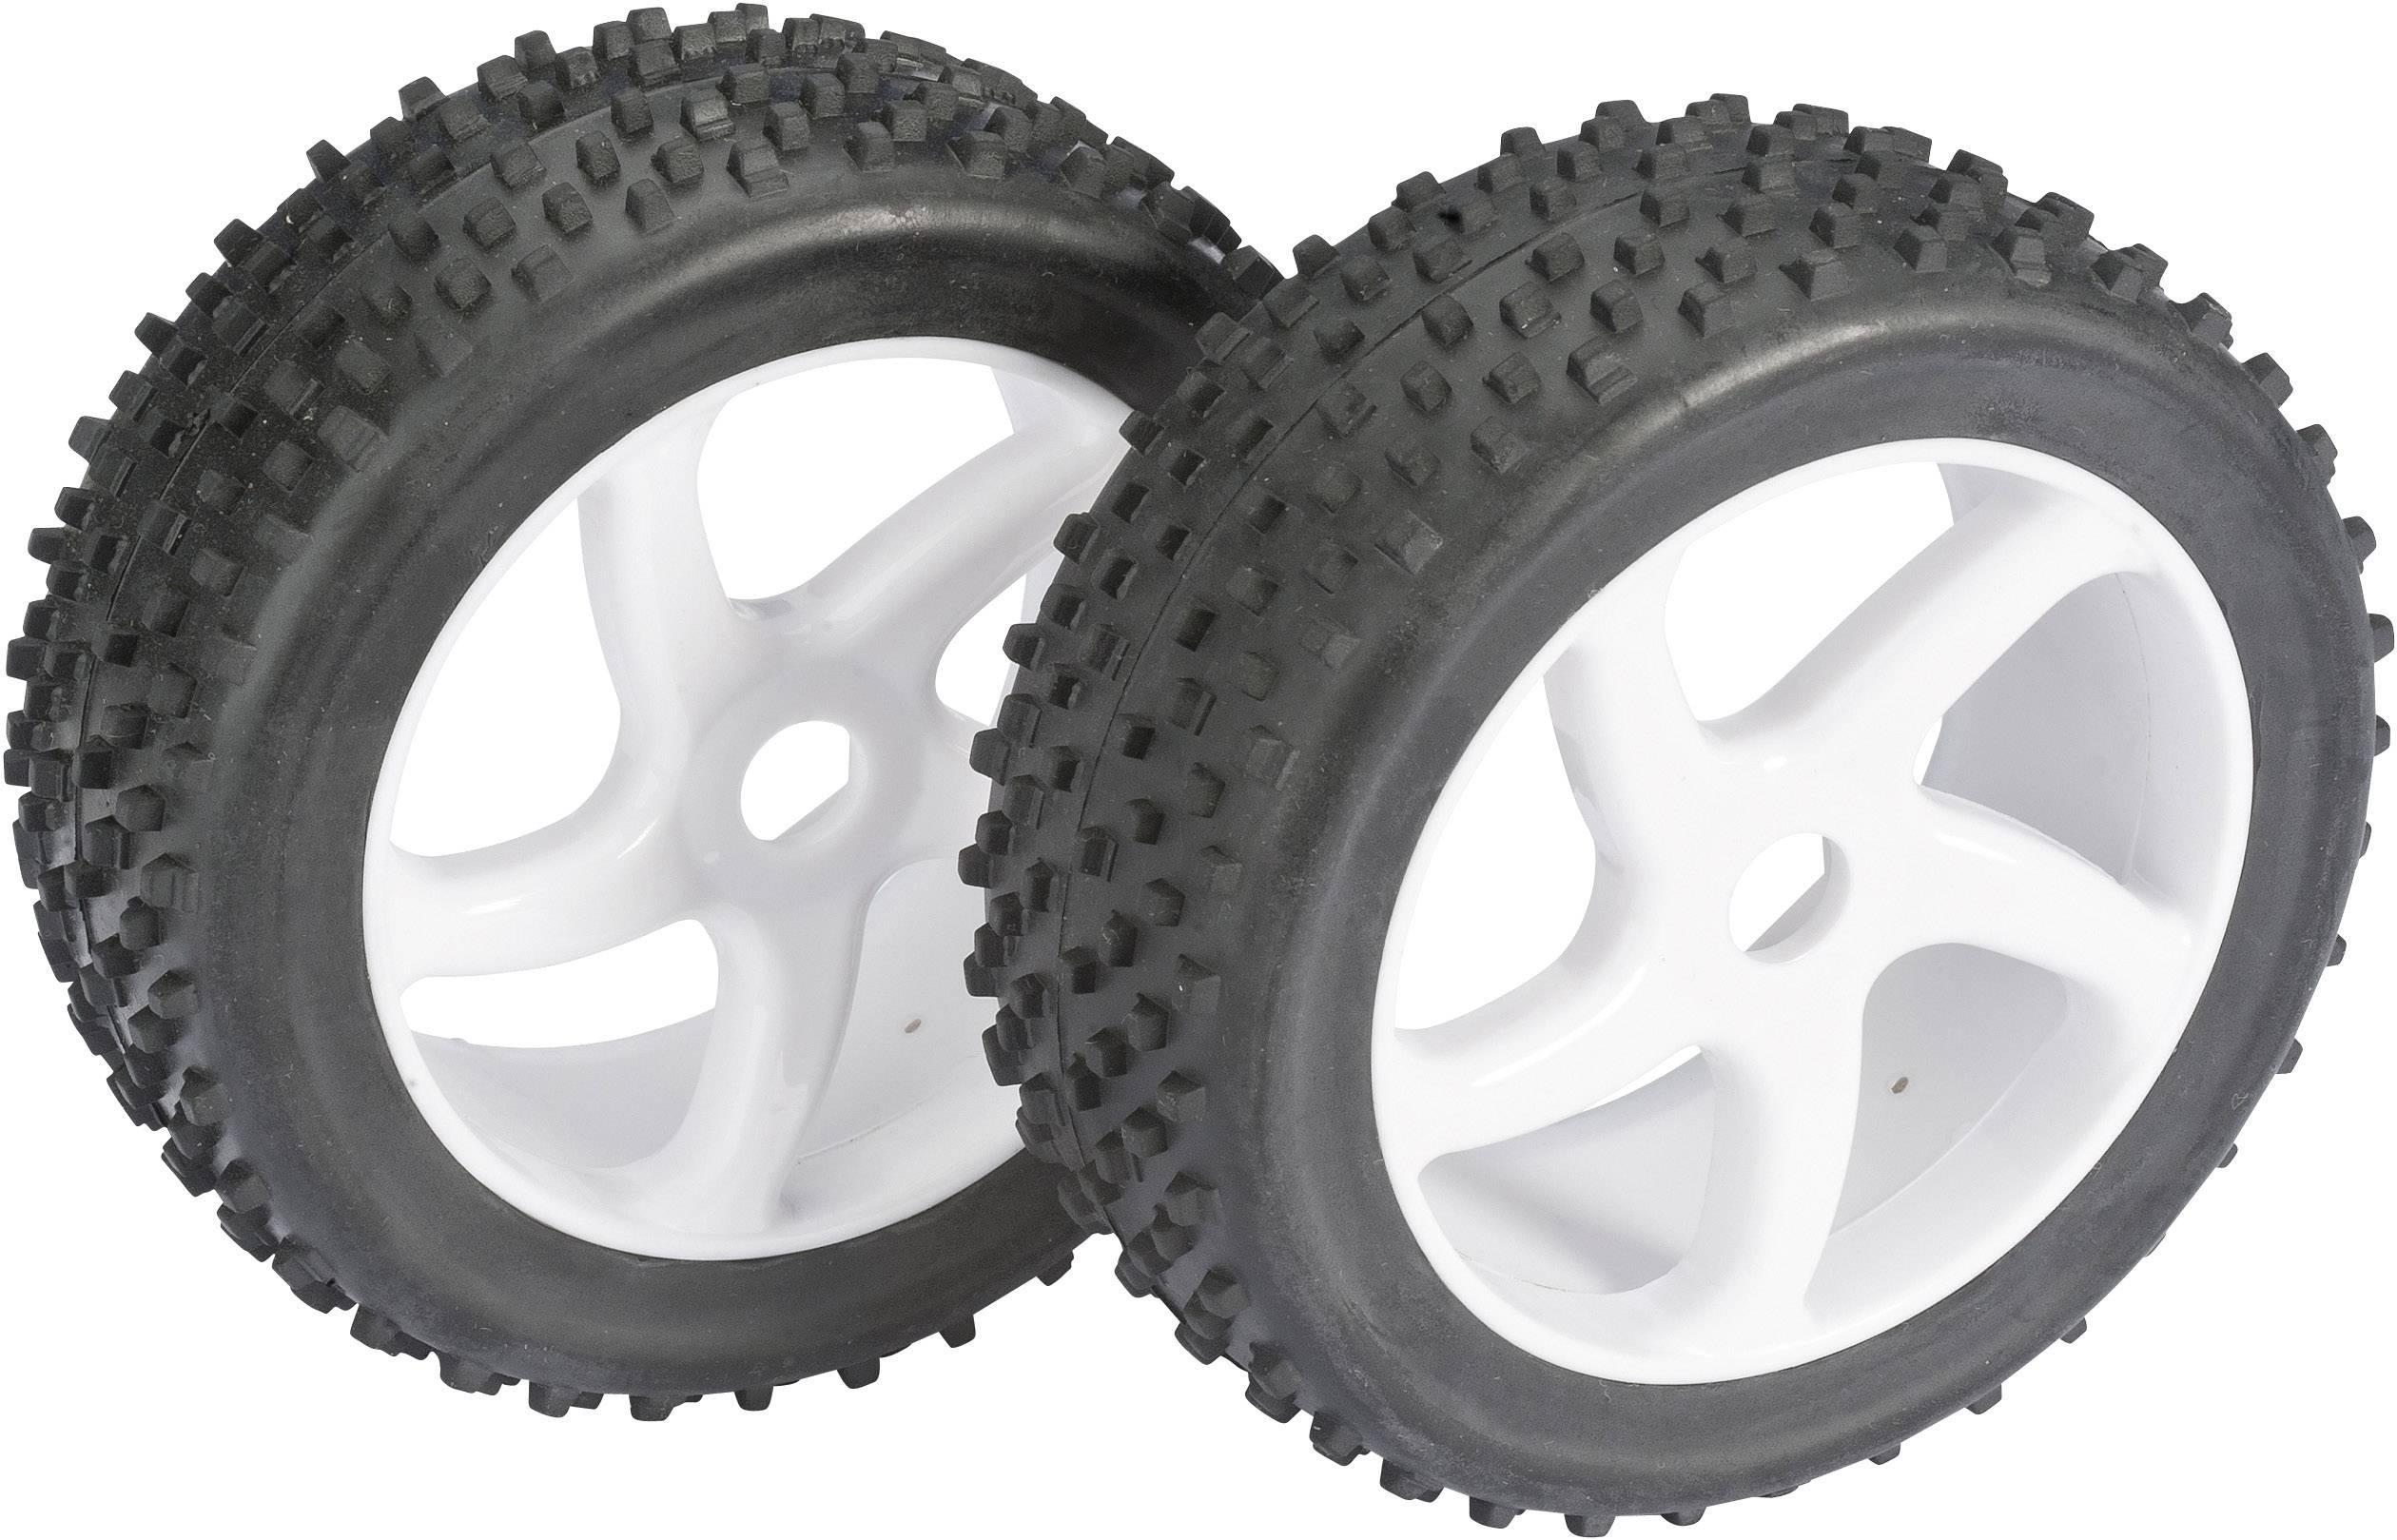 Kompletné kolesá štvrohran Multispike Absima 2520012 pre buggy, 112 mm, 1:8, 2 ks, biela